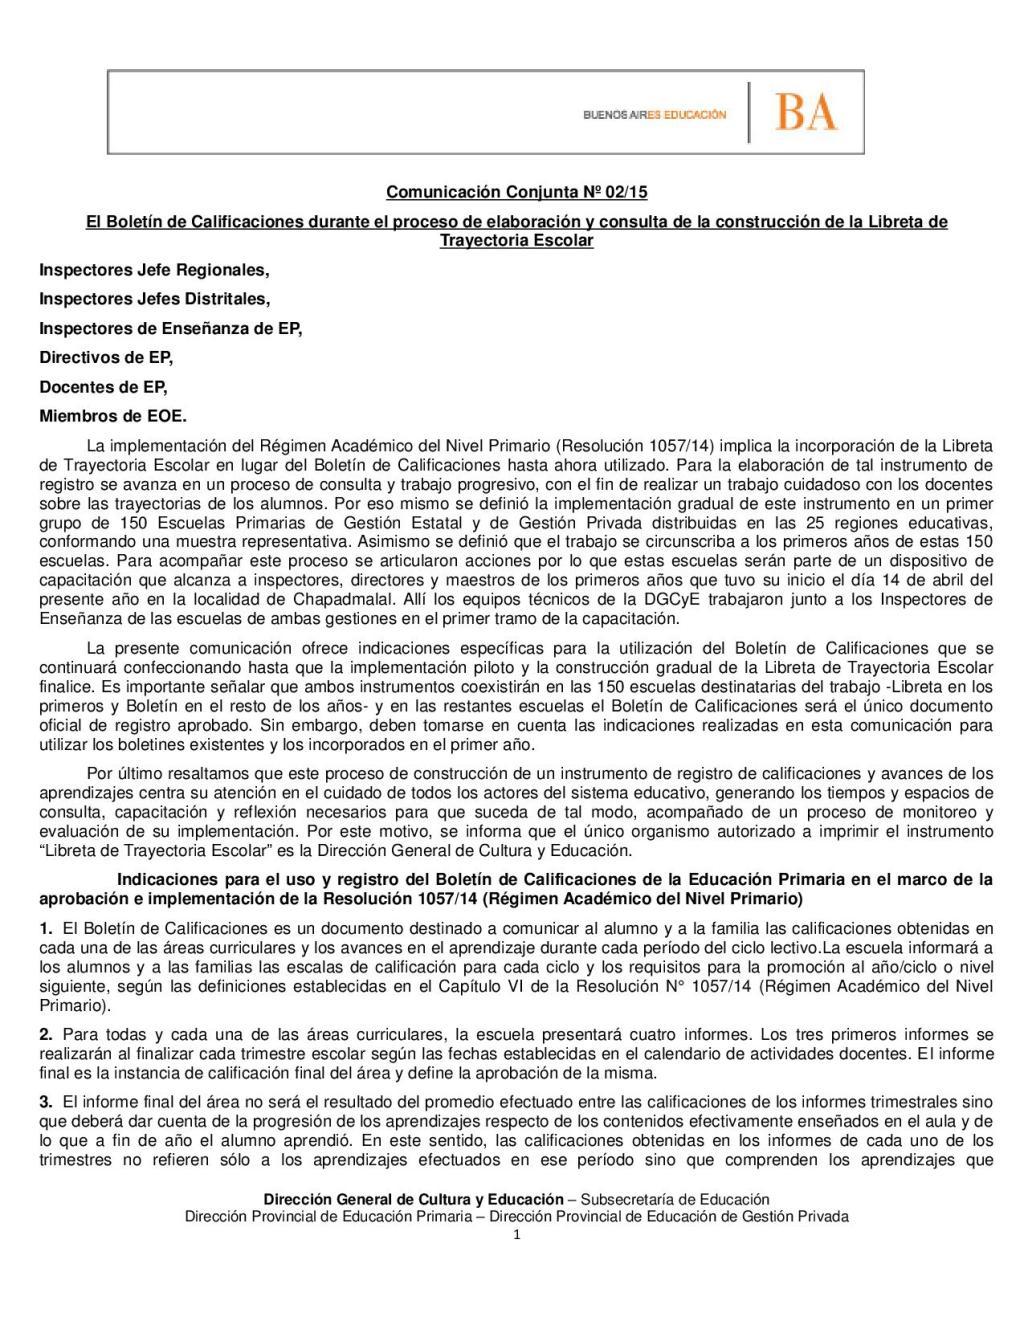 COMUNICACION CONJUNTA N° 02 2015 EL USO DEL BOLETÍN EN EL MARCO DE LA IMPLEMENTACIÓN DEL REGIMEN ACADEMICO